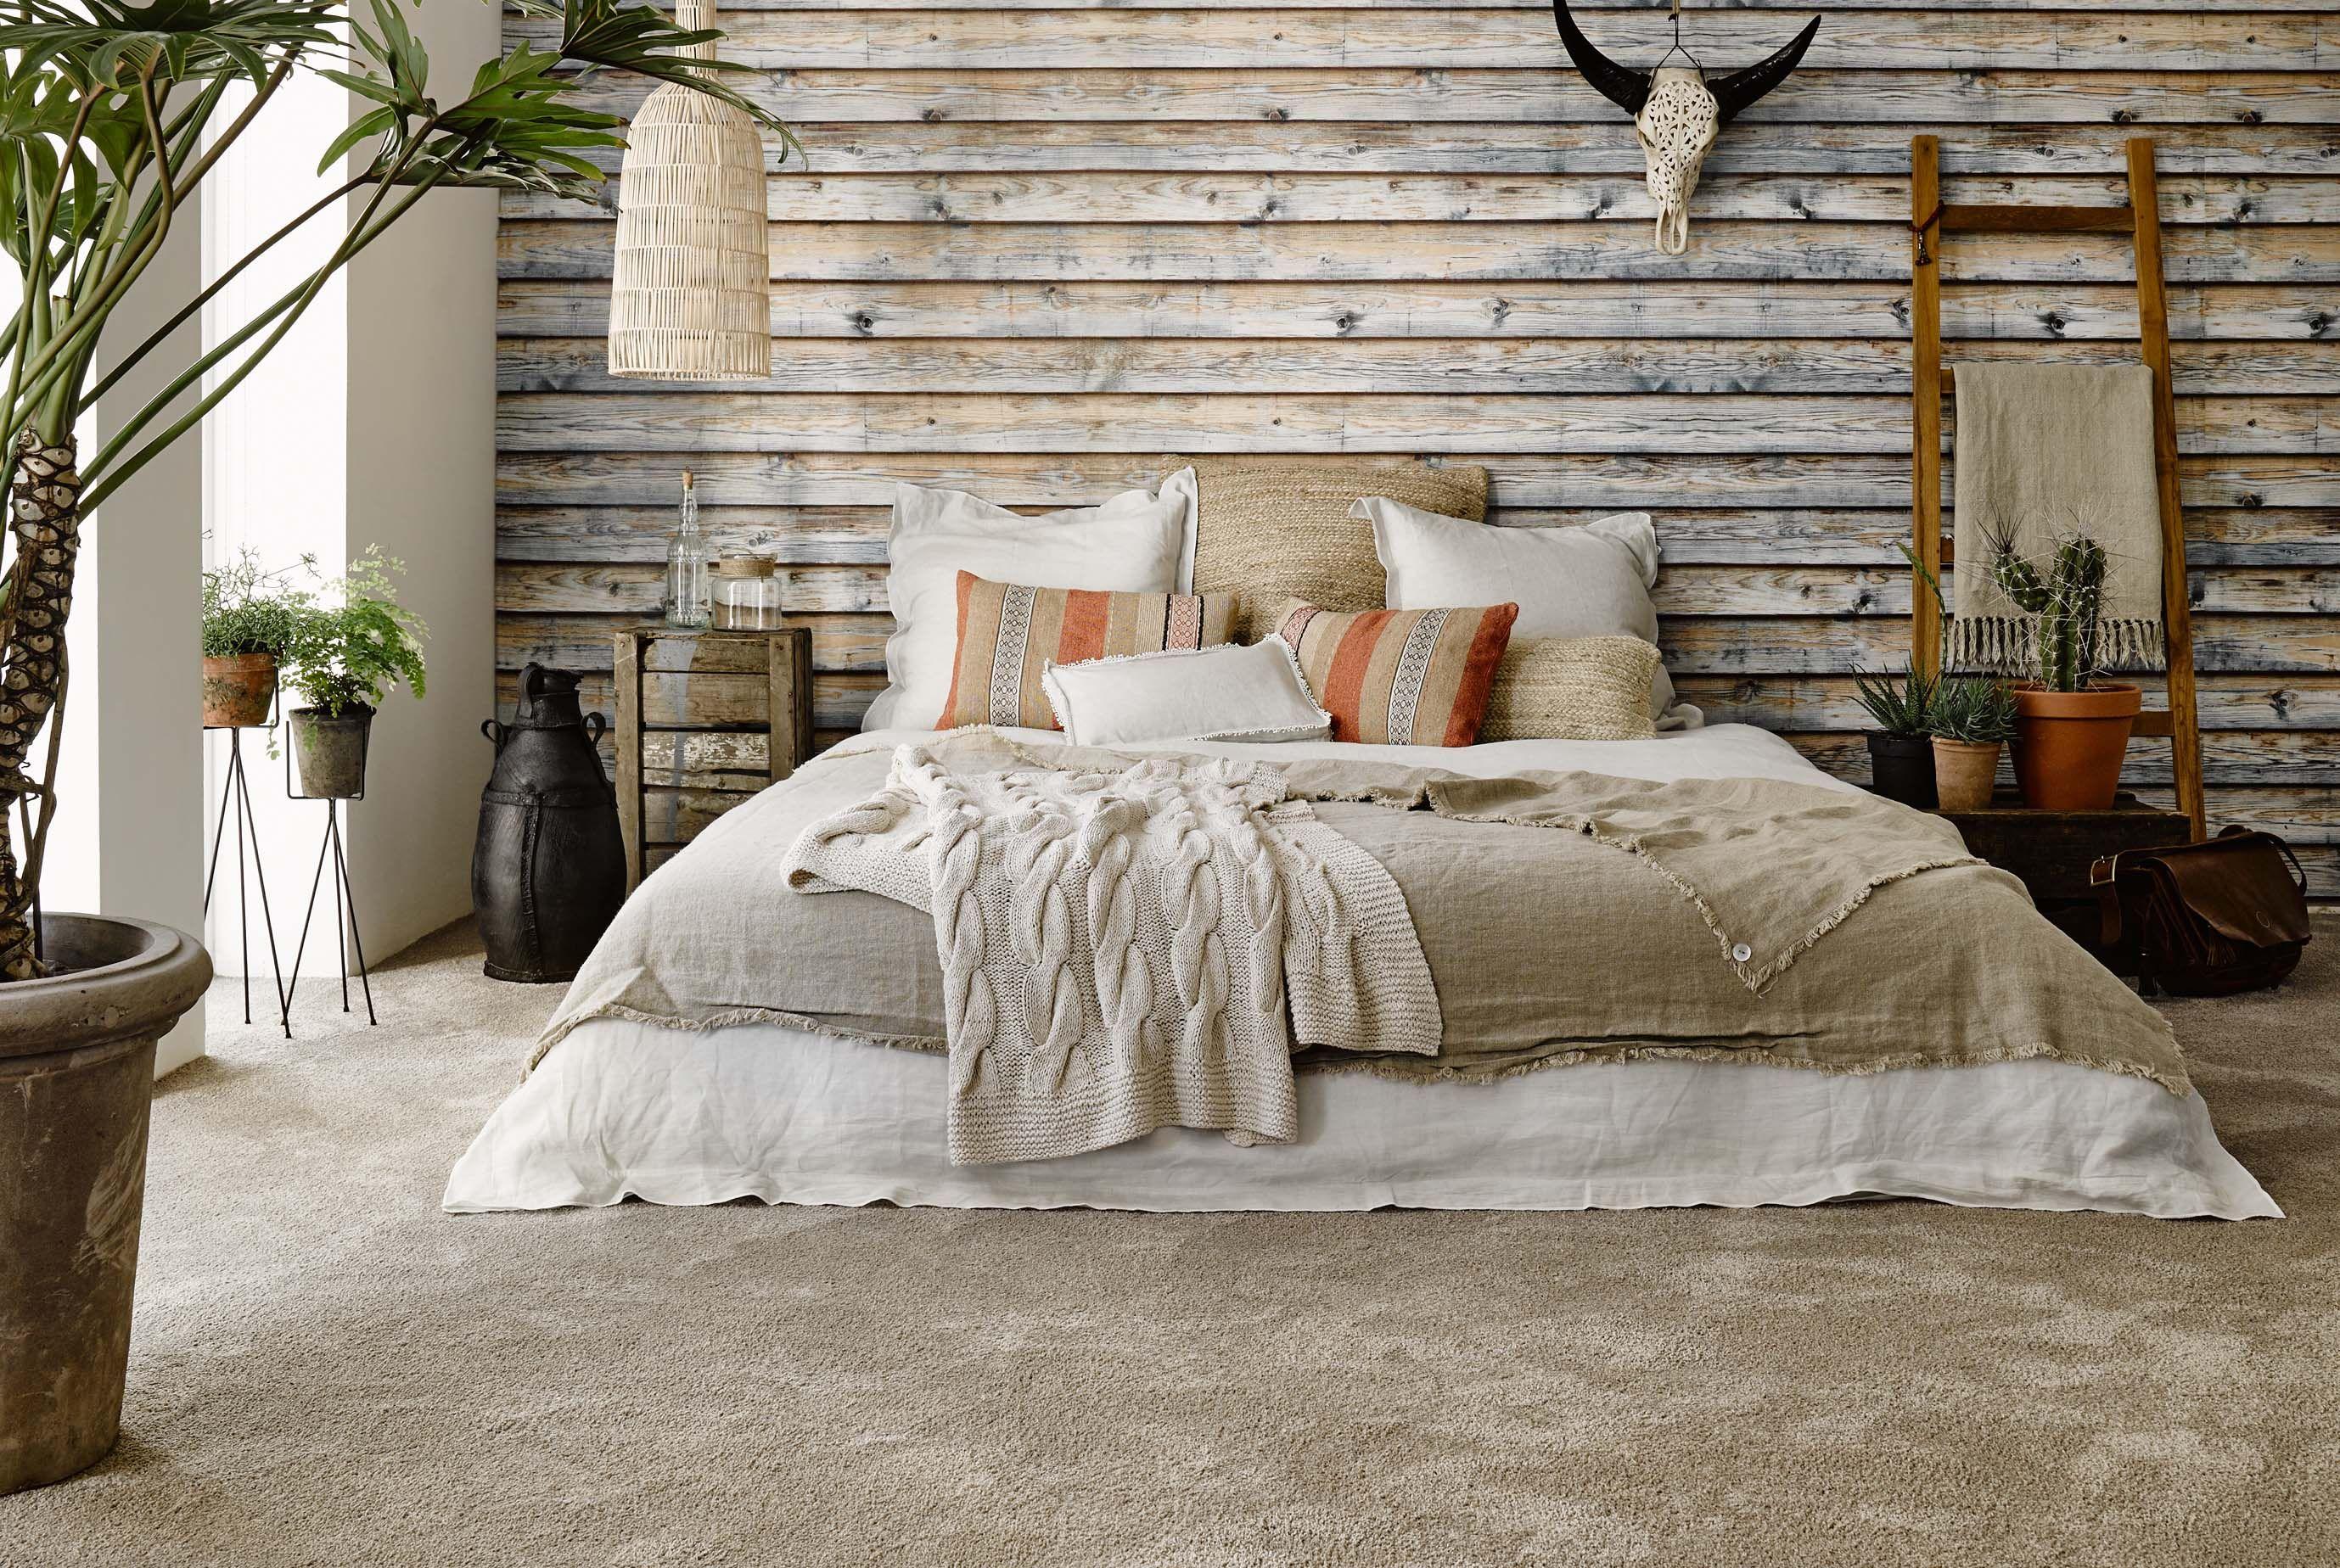 Slaapkamer vloerbedekking beige grijs slaapkamer